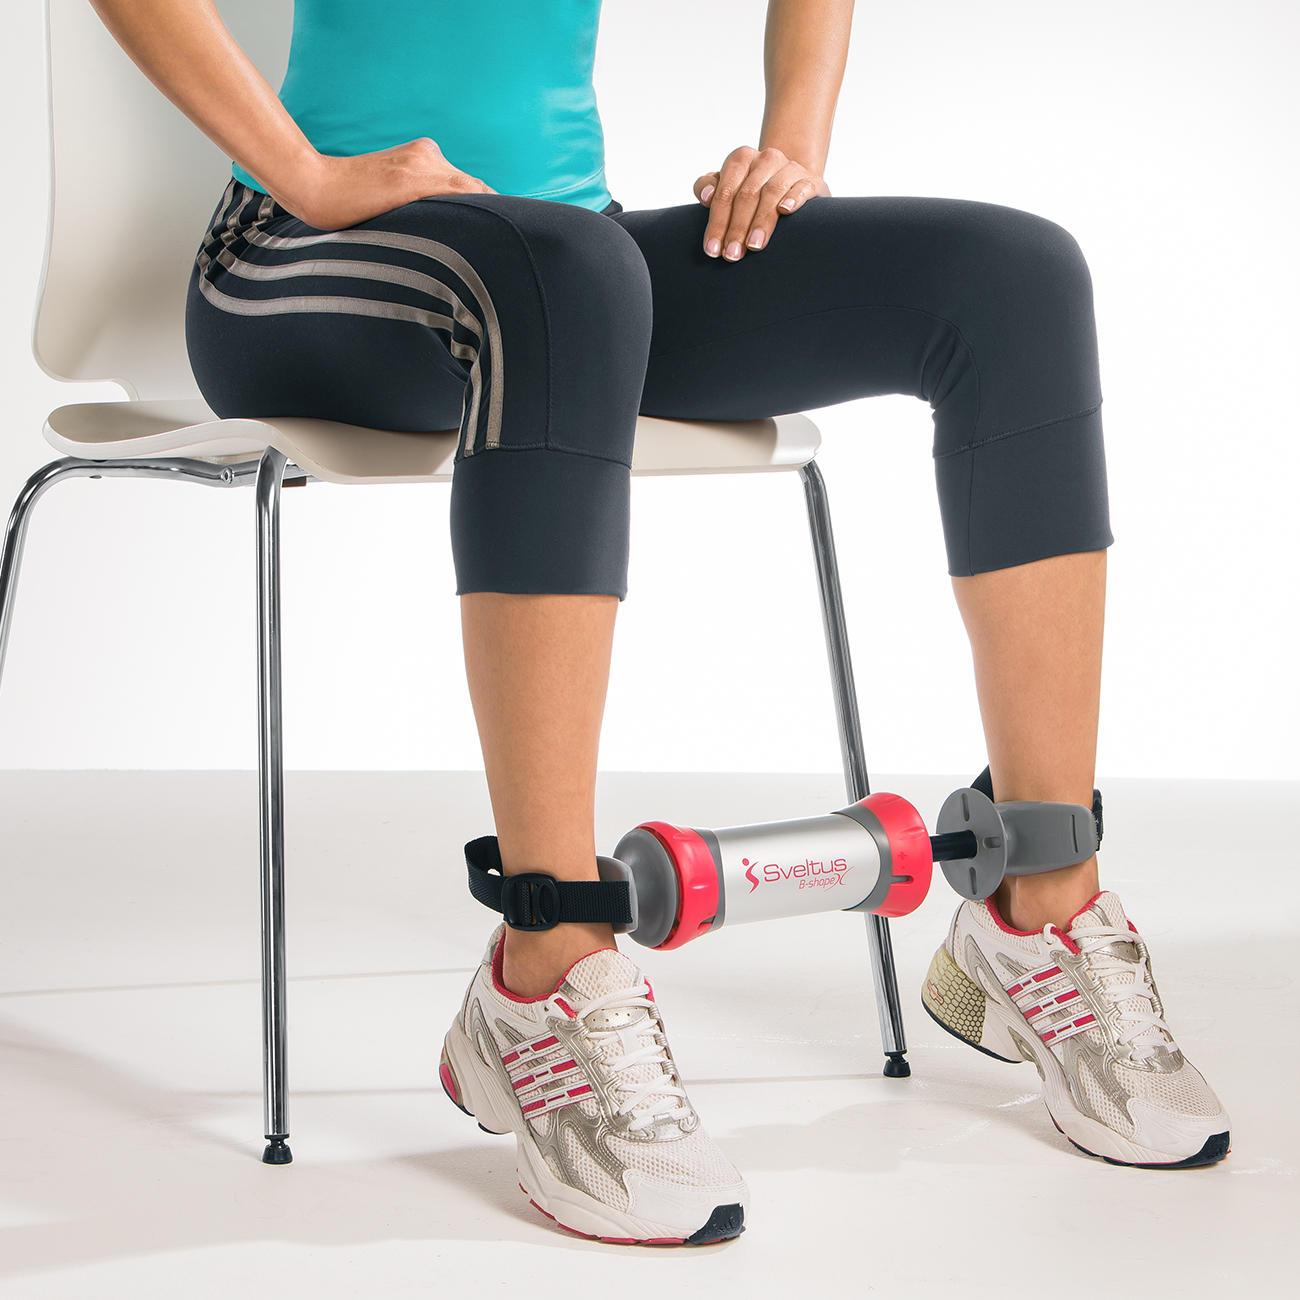 Acheter appareil d entra nement b shape en ligne pas cher for Exterieur triceps